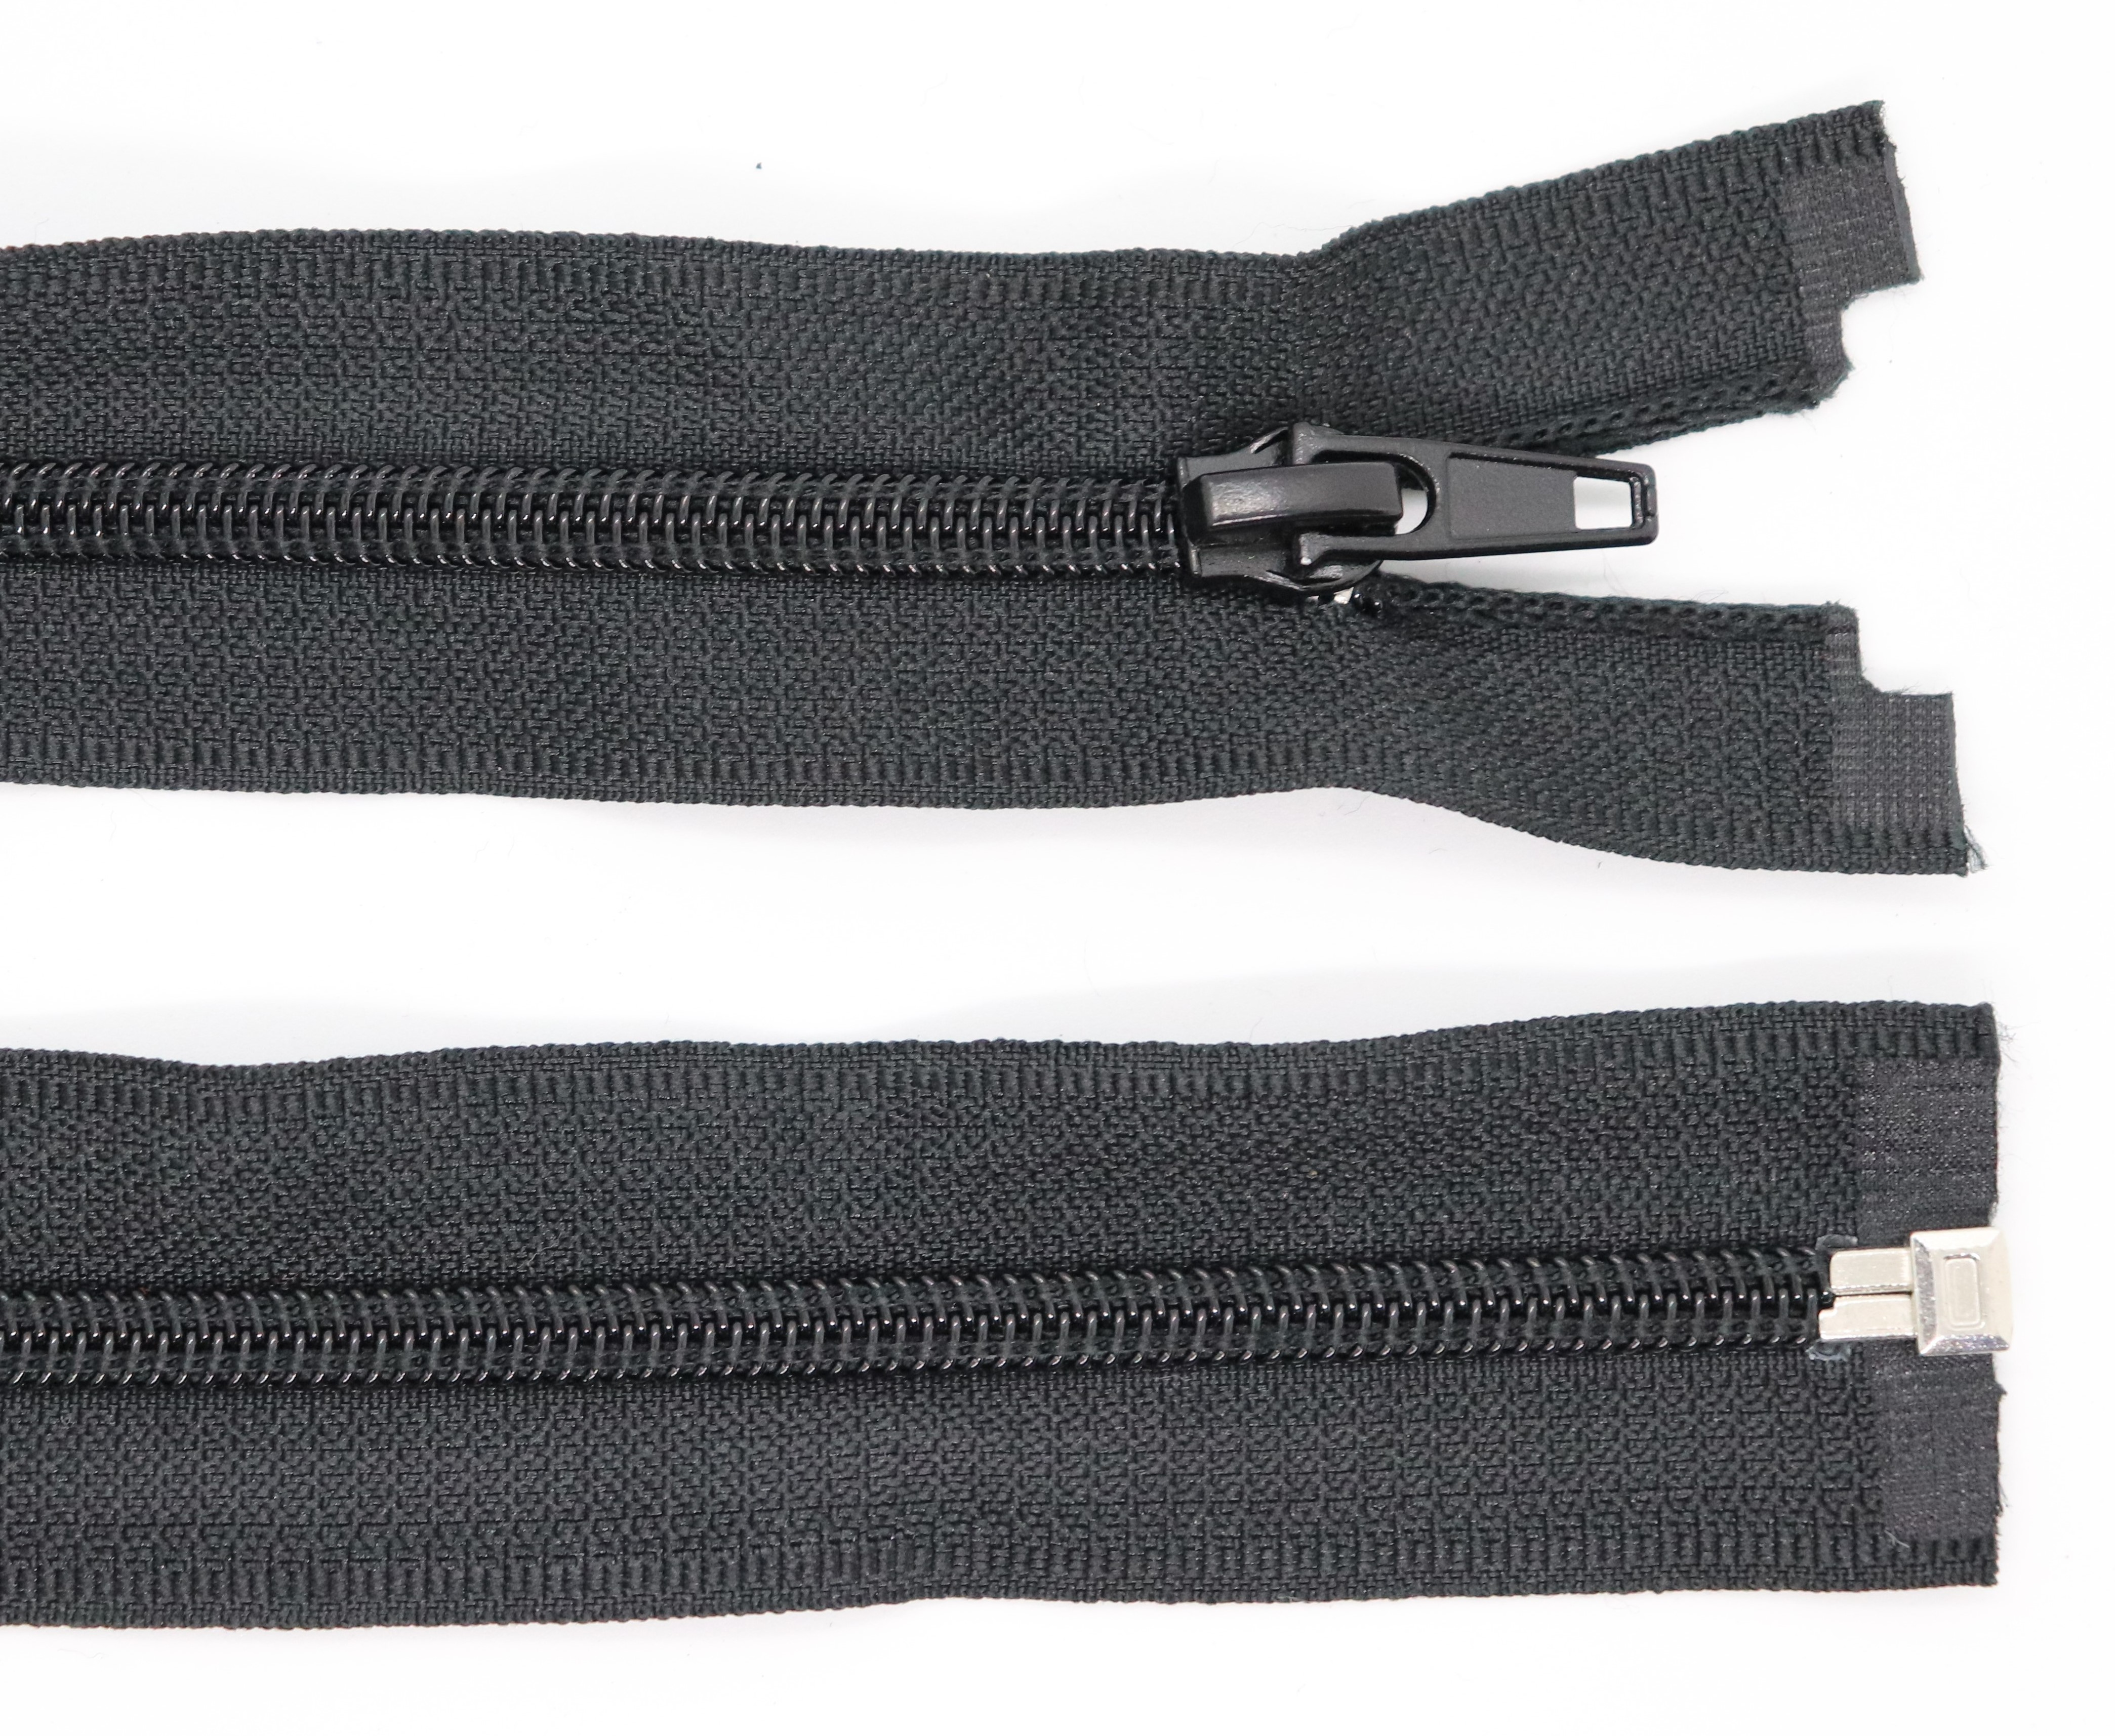 Spirálový zip šíøe 5 mm délka 75 cm dìlitelný - zvìtšit obrázek